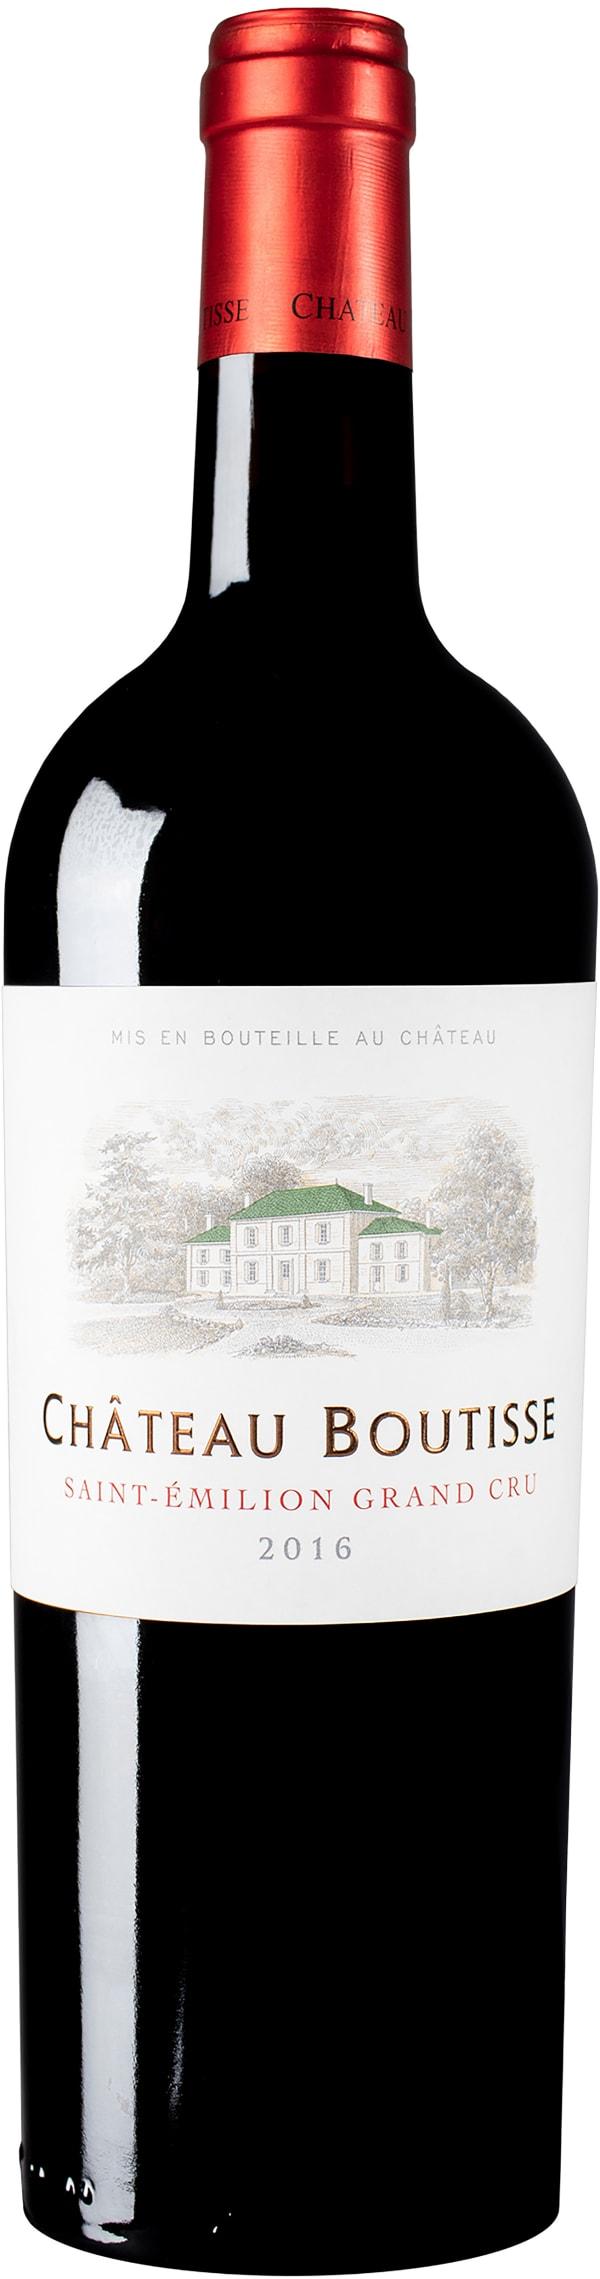 Château Boutisse Saint-Emilion Grand Cru 2016